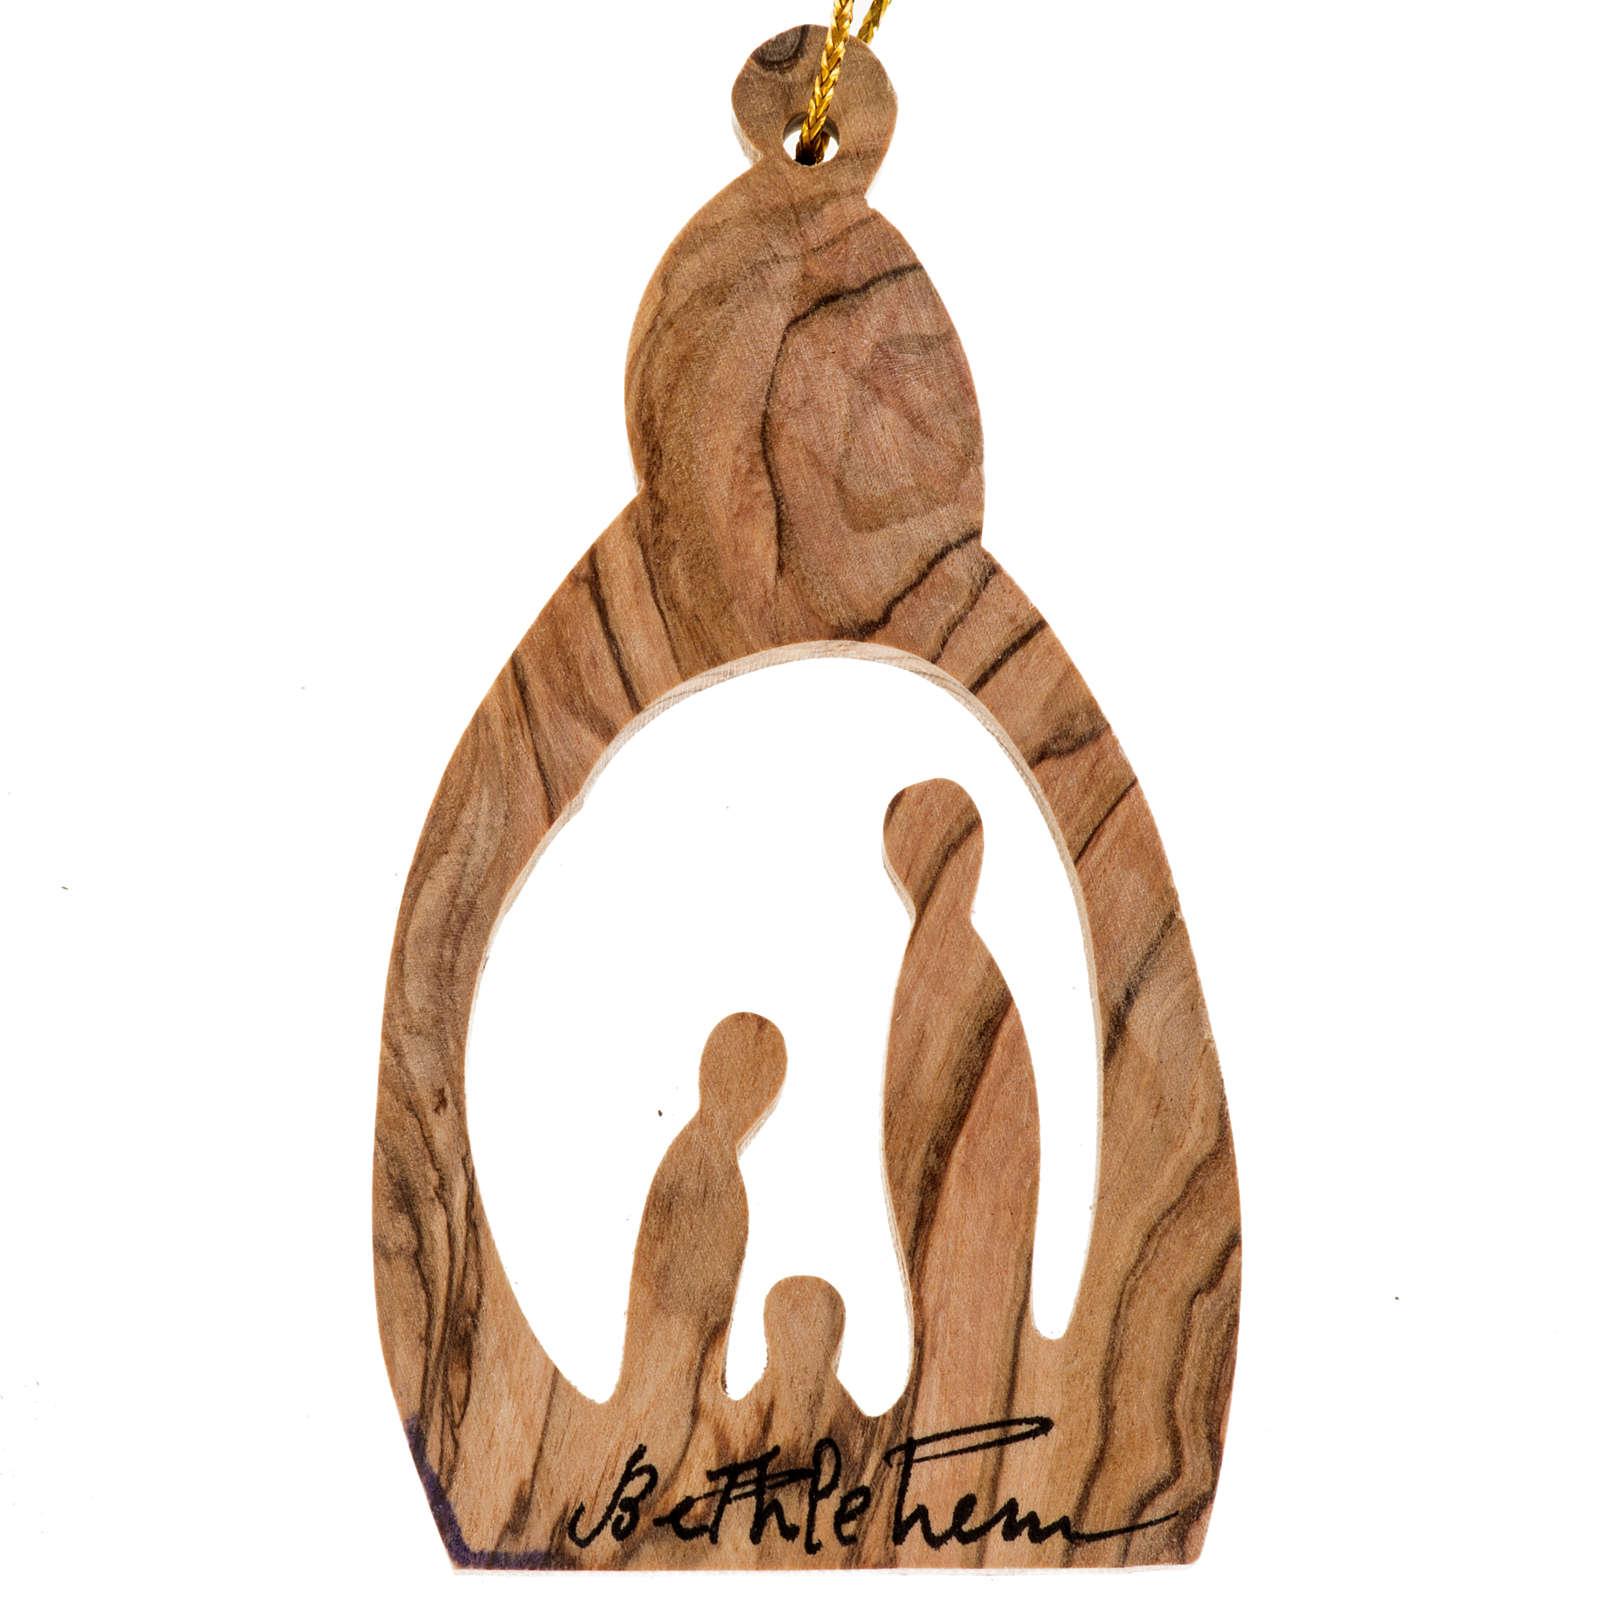 Addobbo albero legno olivo Palestina Natività stilizzata 4